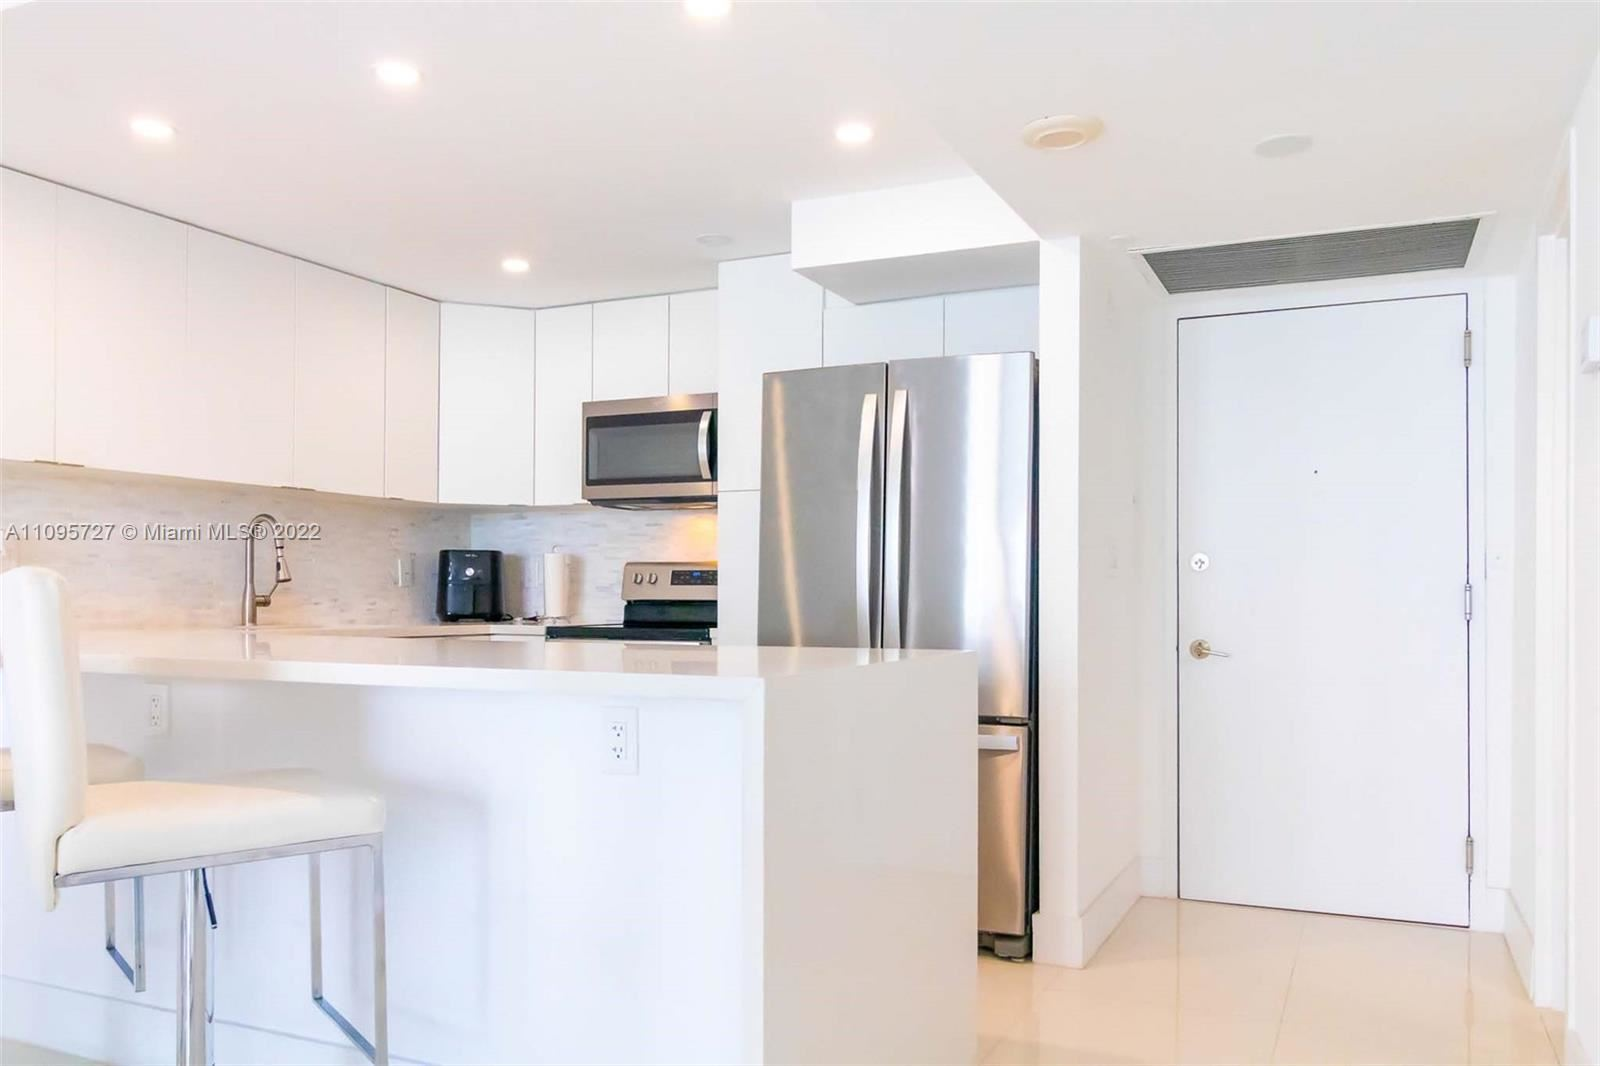 5701 Collins Ave #509, Miami Beach, FL 33140 - #: A11095727